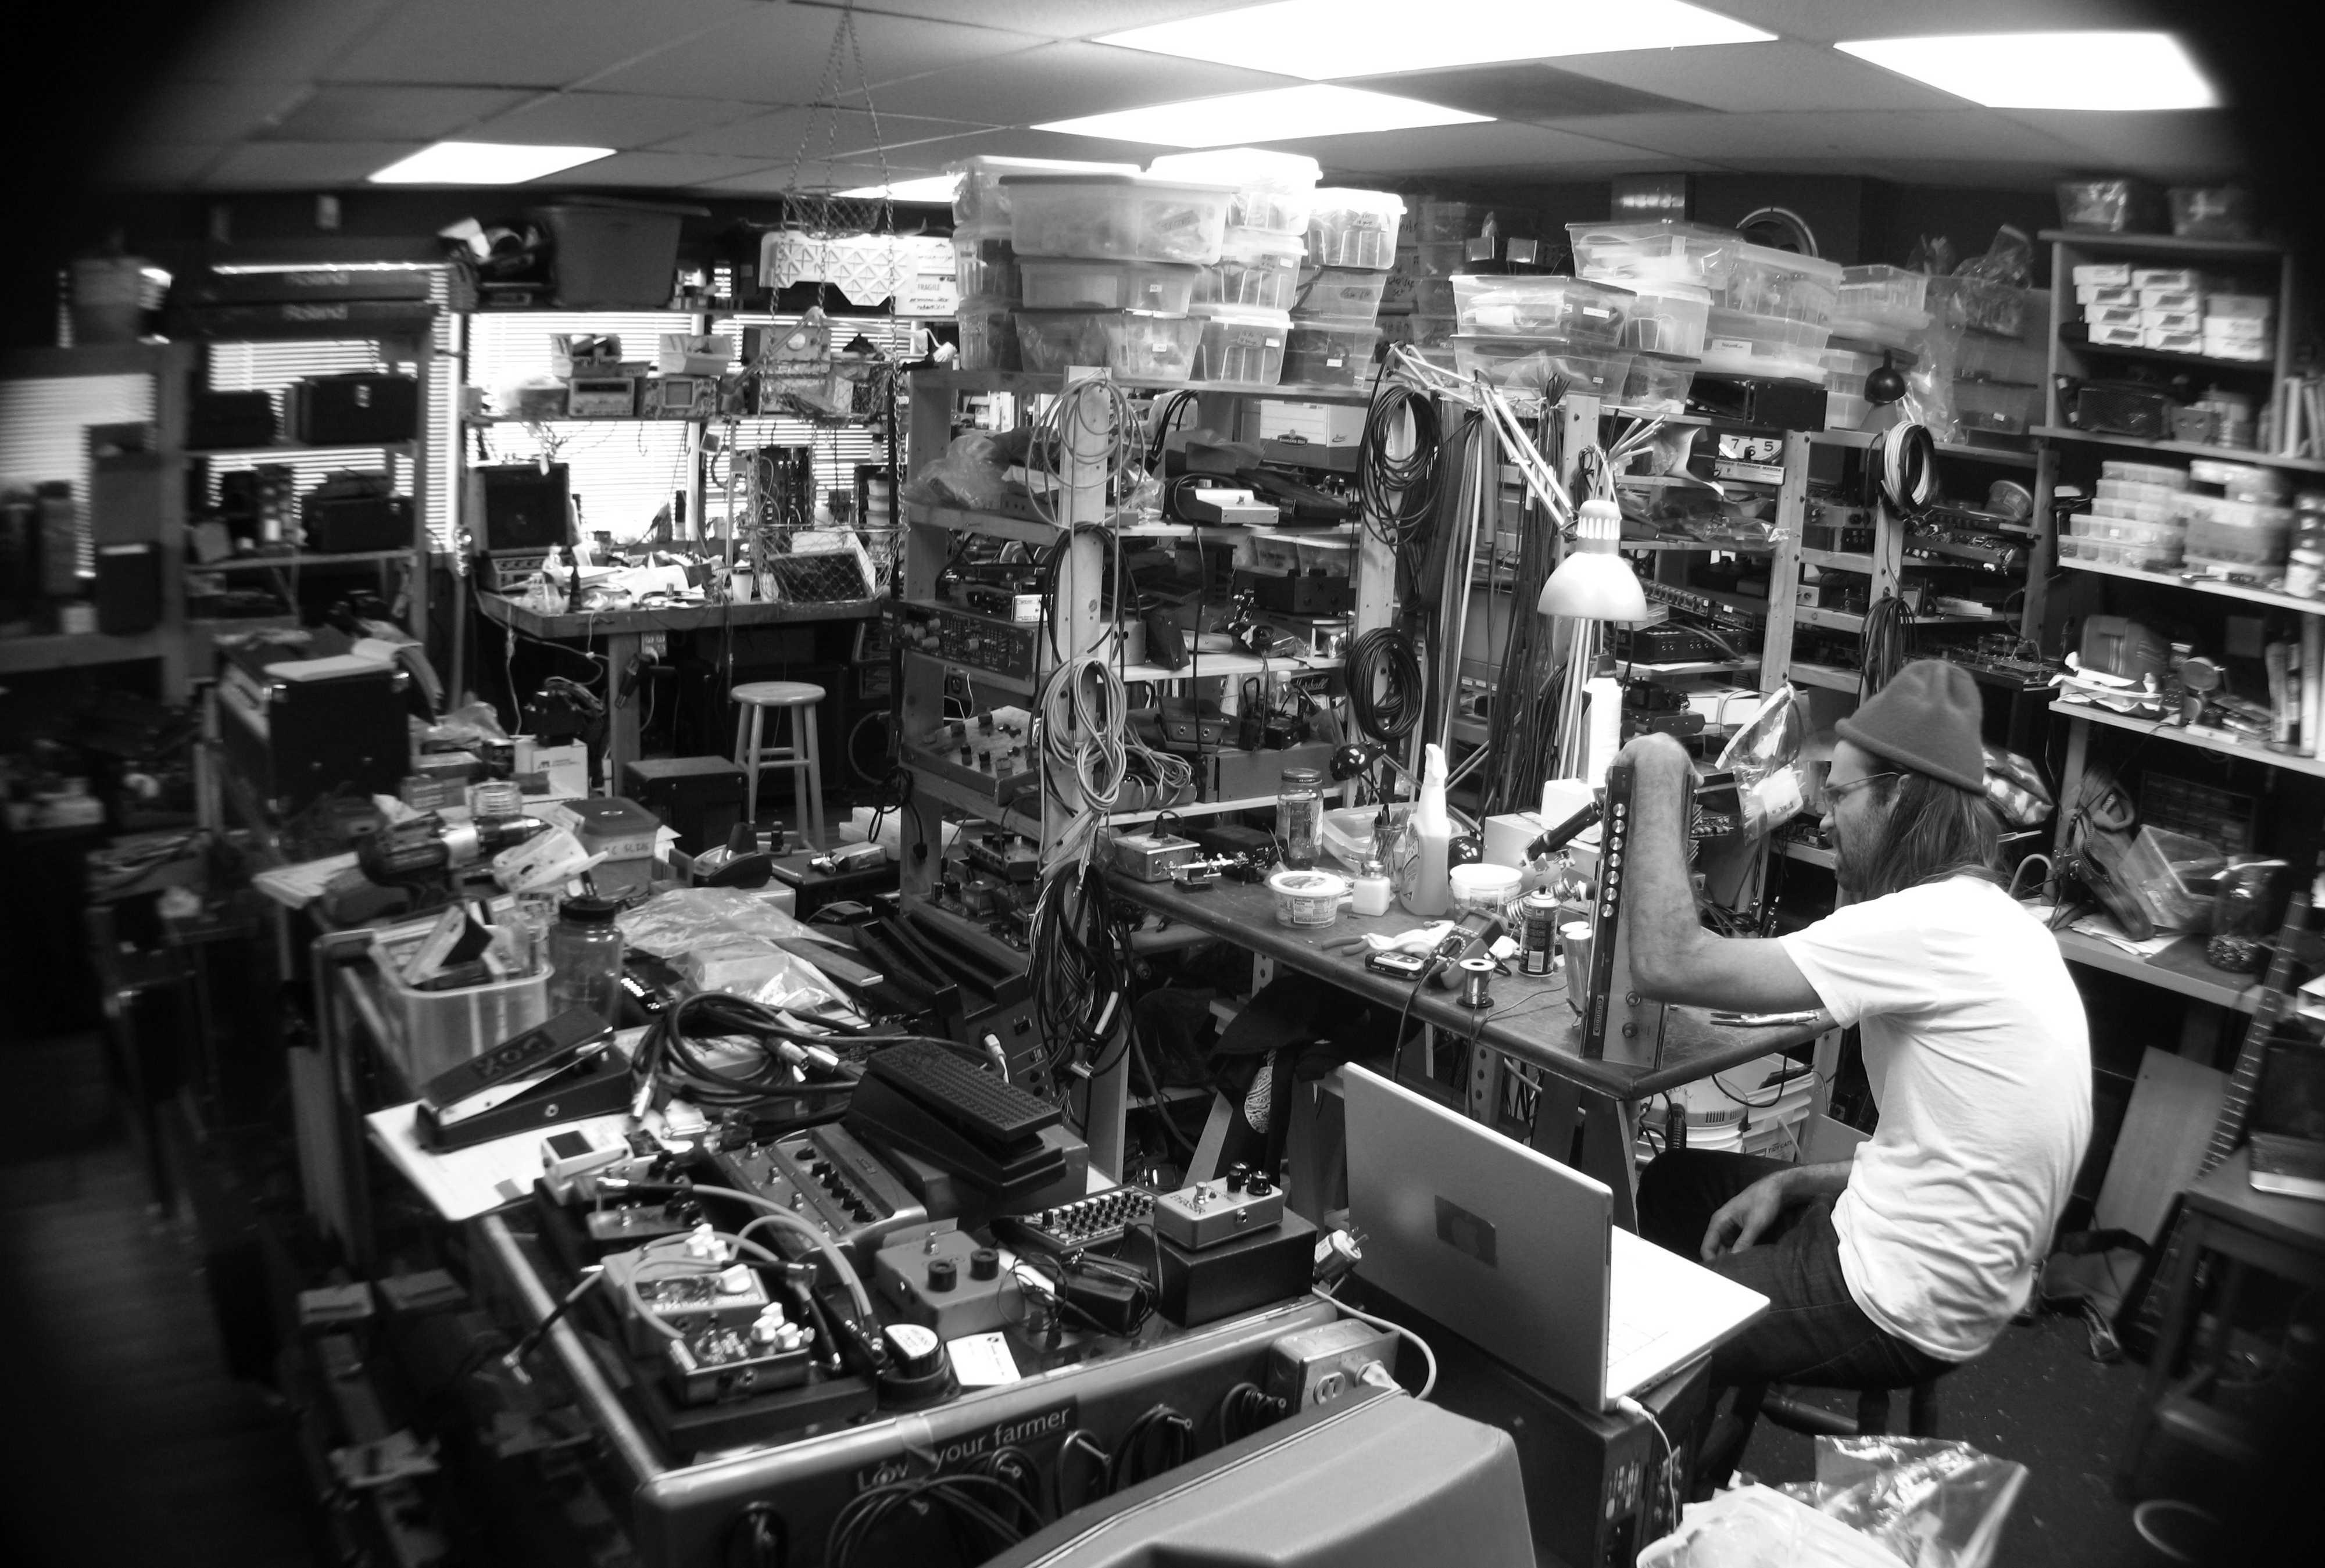 EE.UU. declara legal romper candados digitales para reparar dispositivos